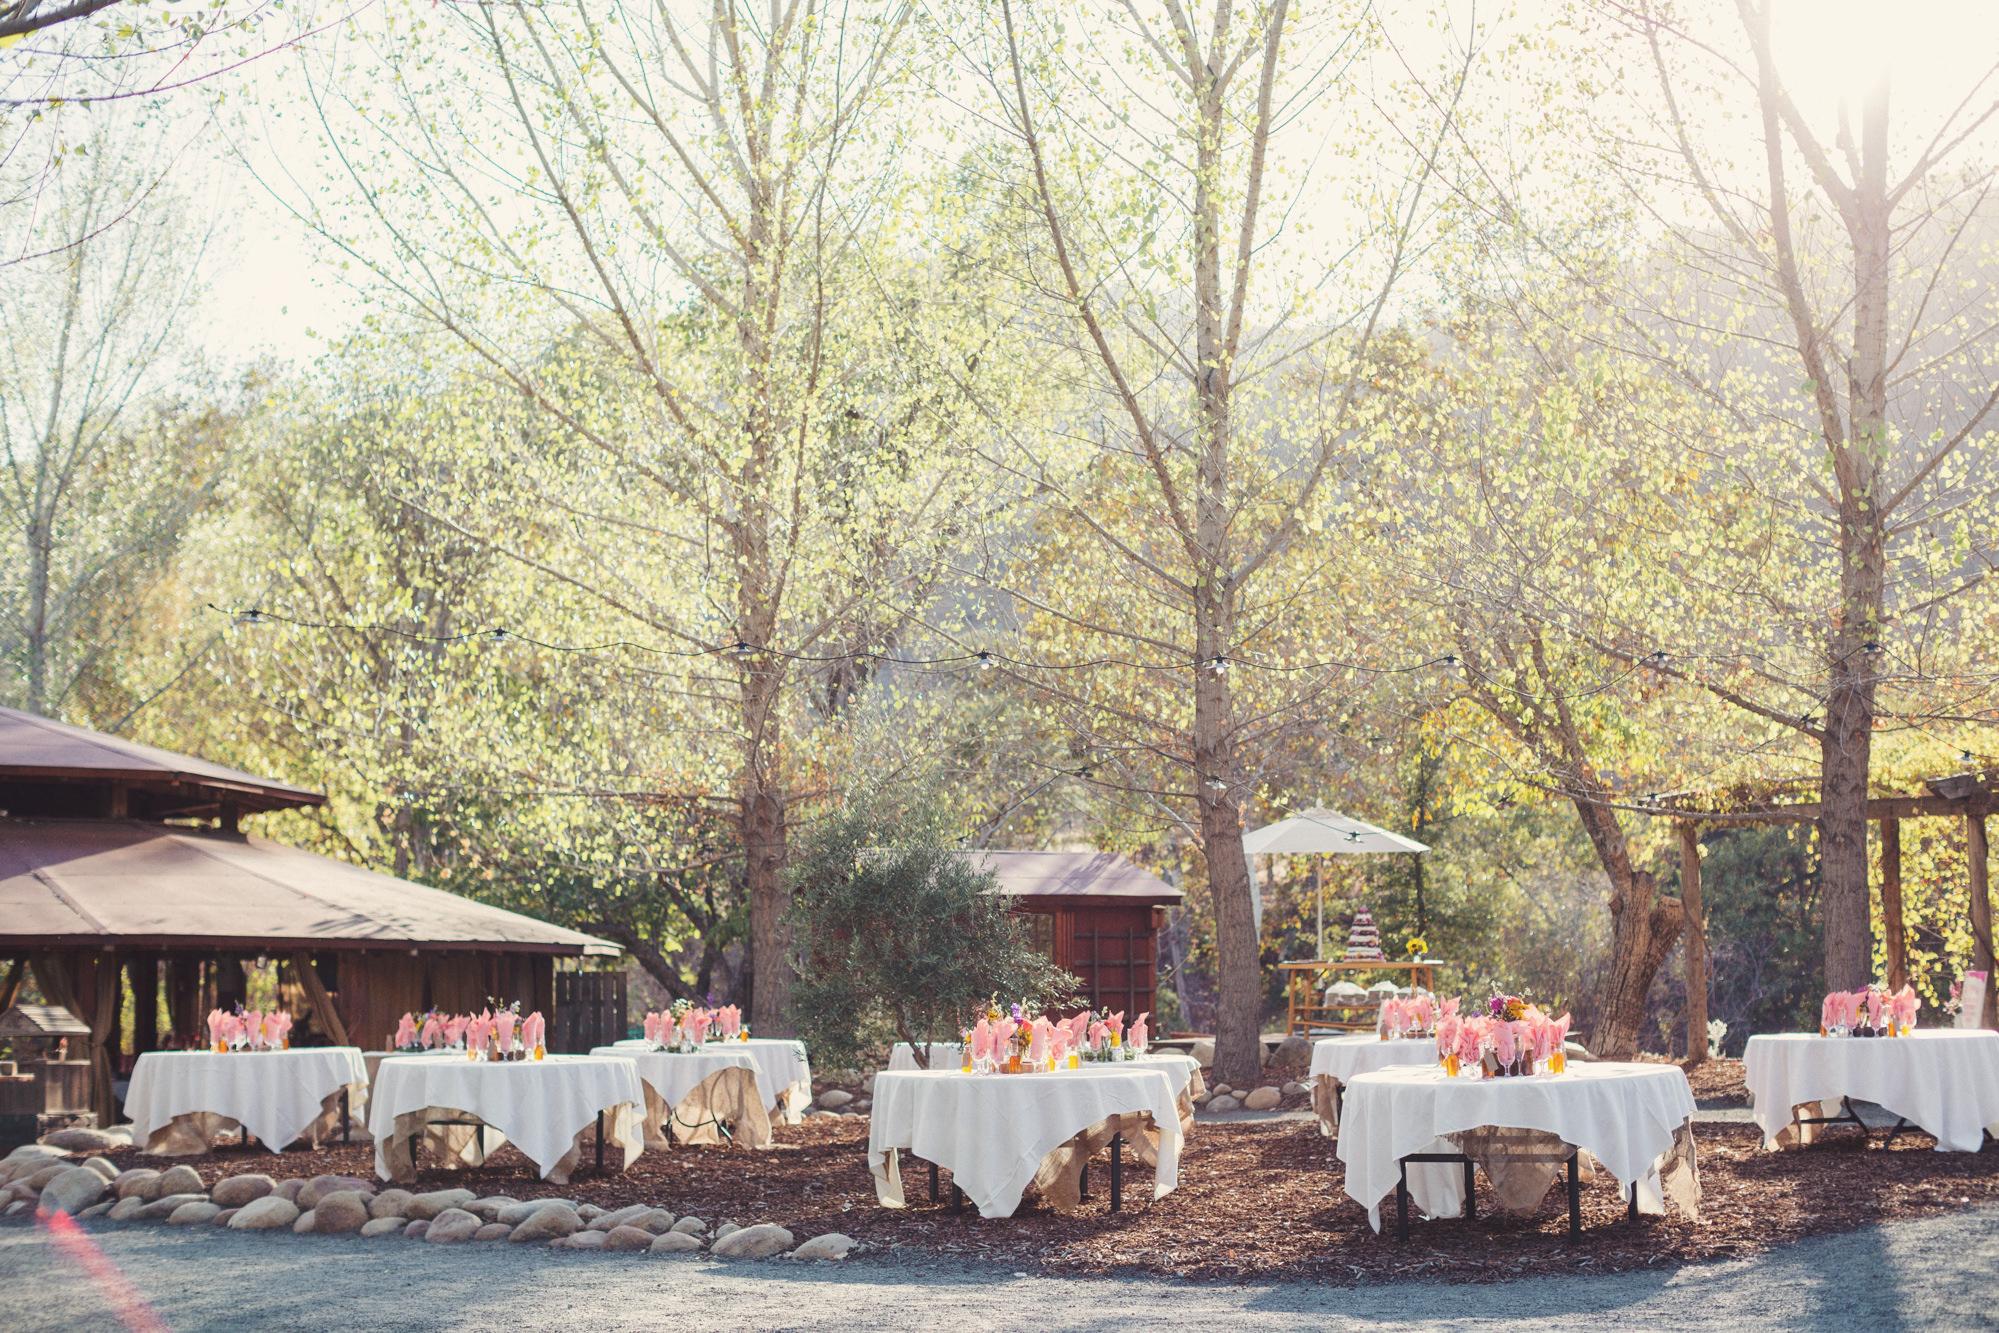 Rustic wedding in California ©Anne-Claire Brun 92